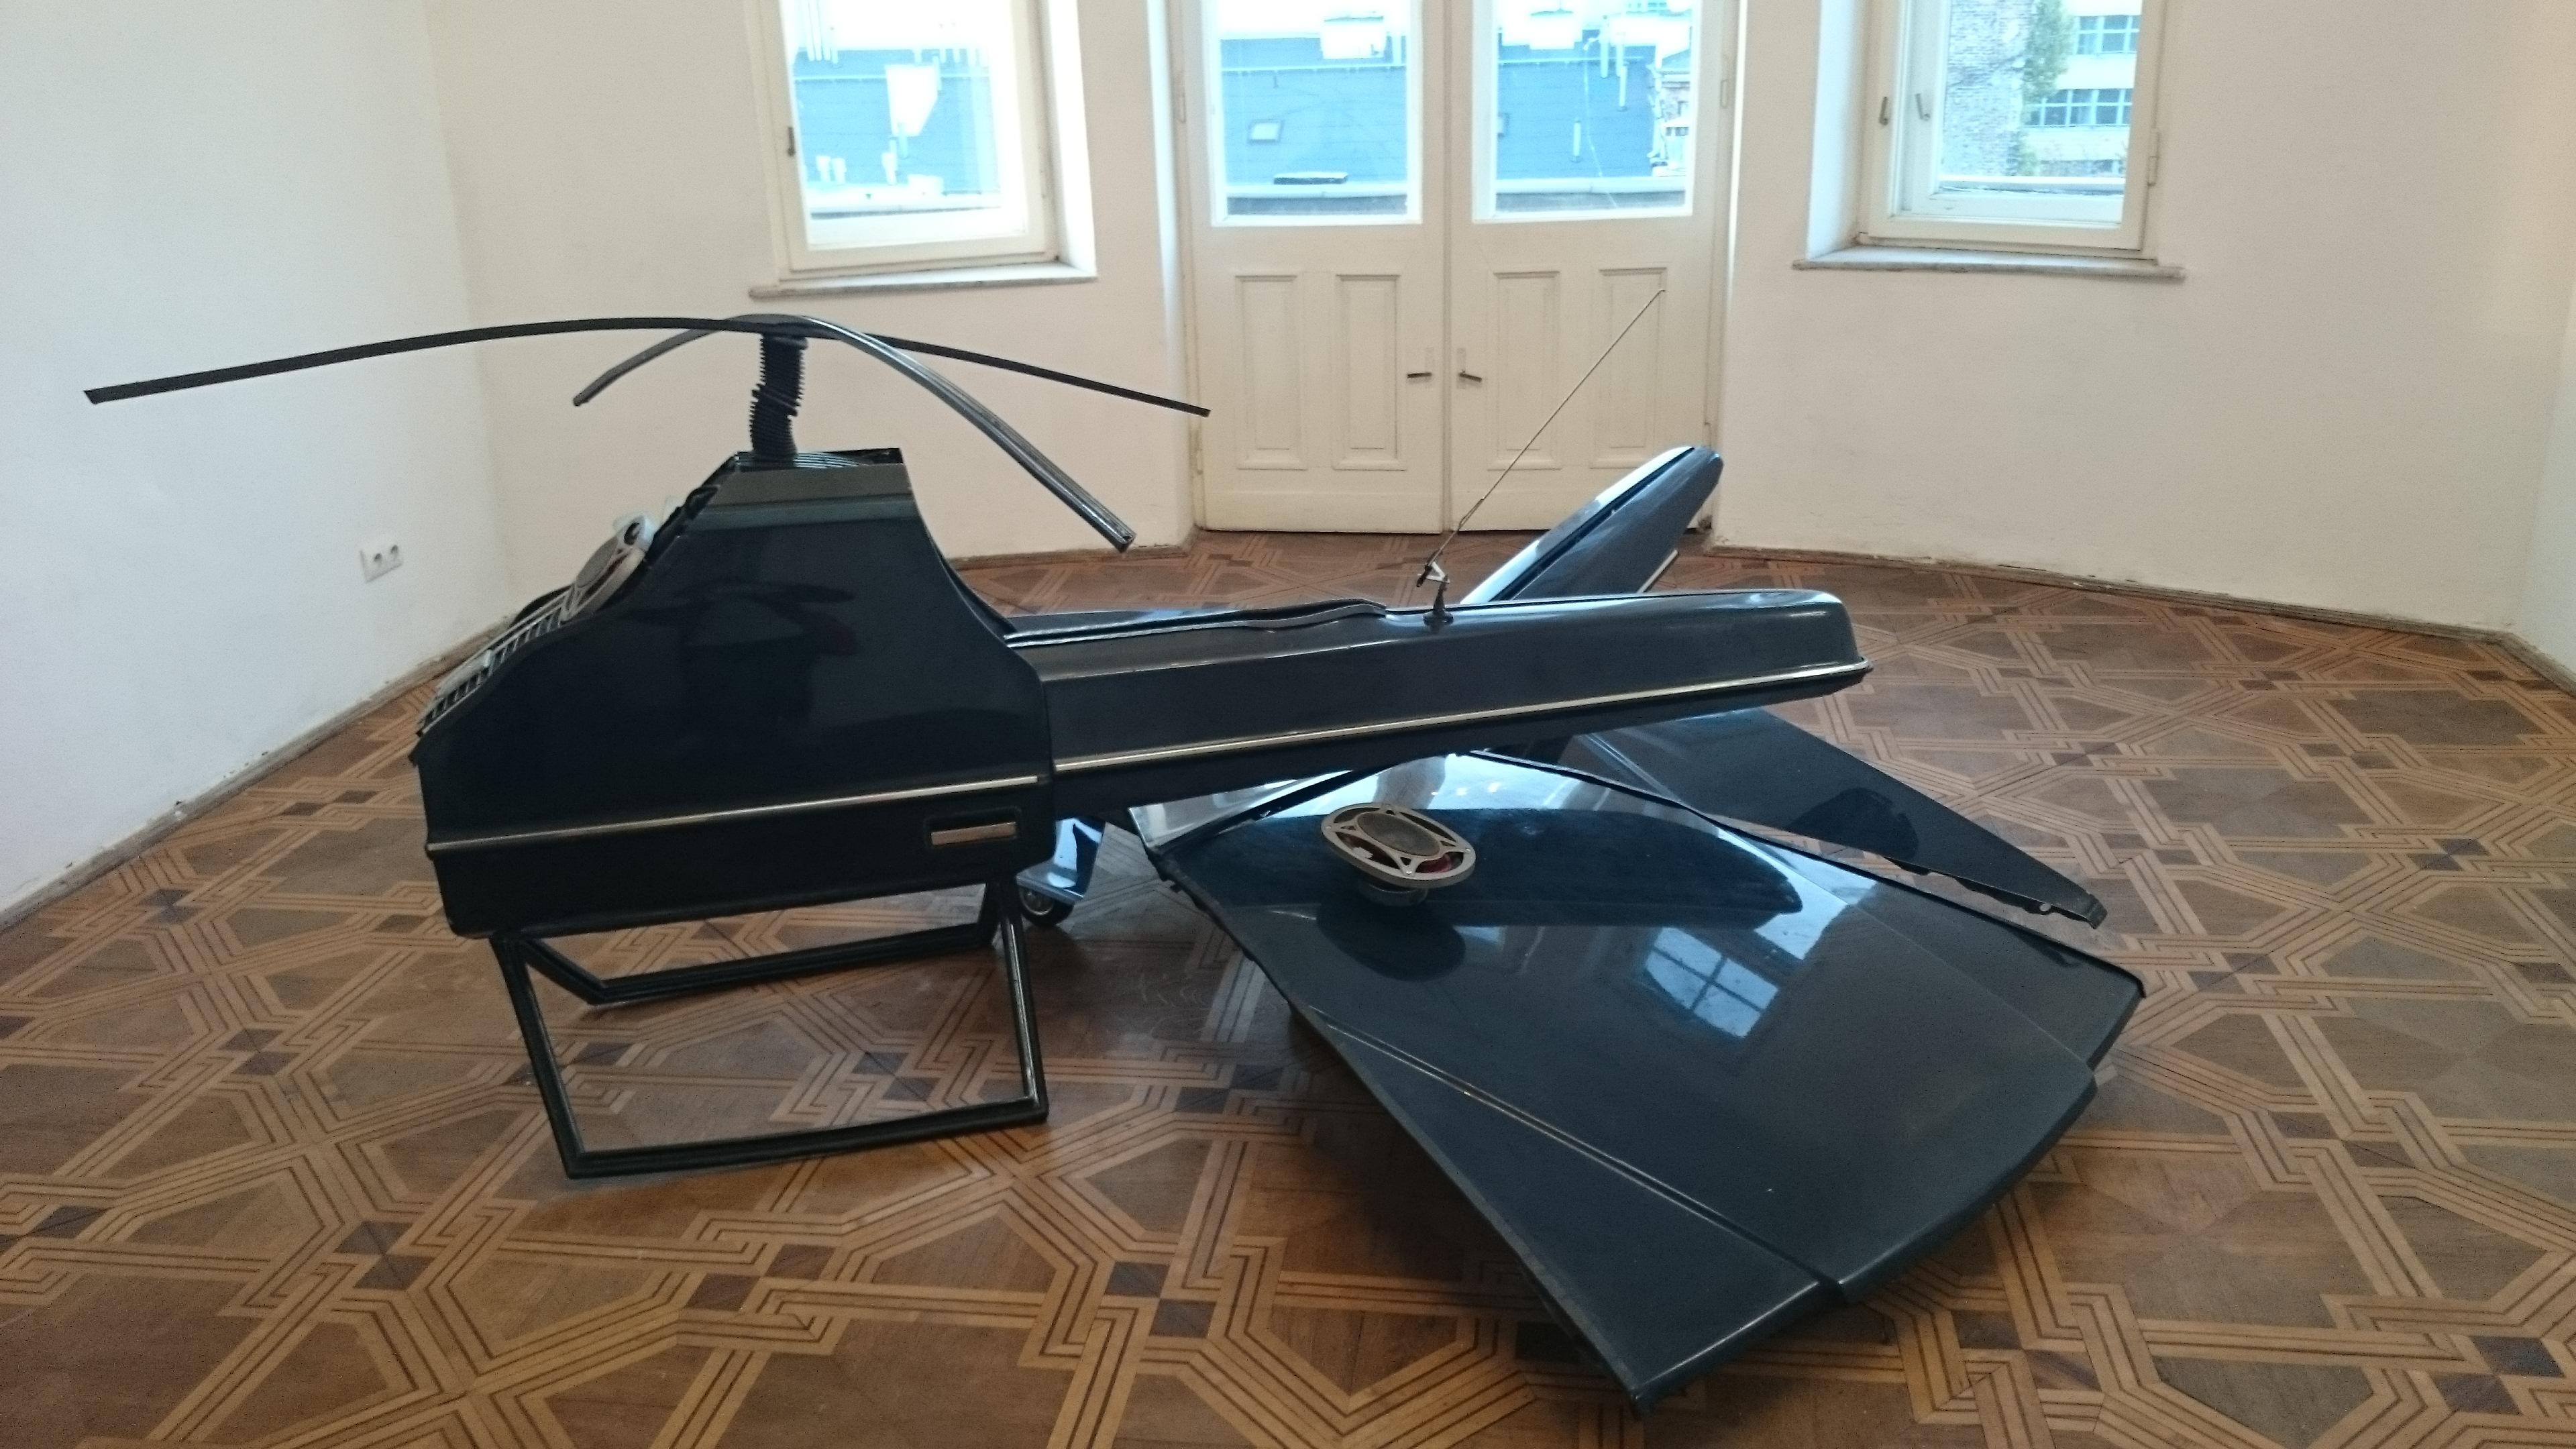 Dron Zuzanny Janin wlokalu_30